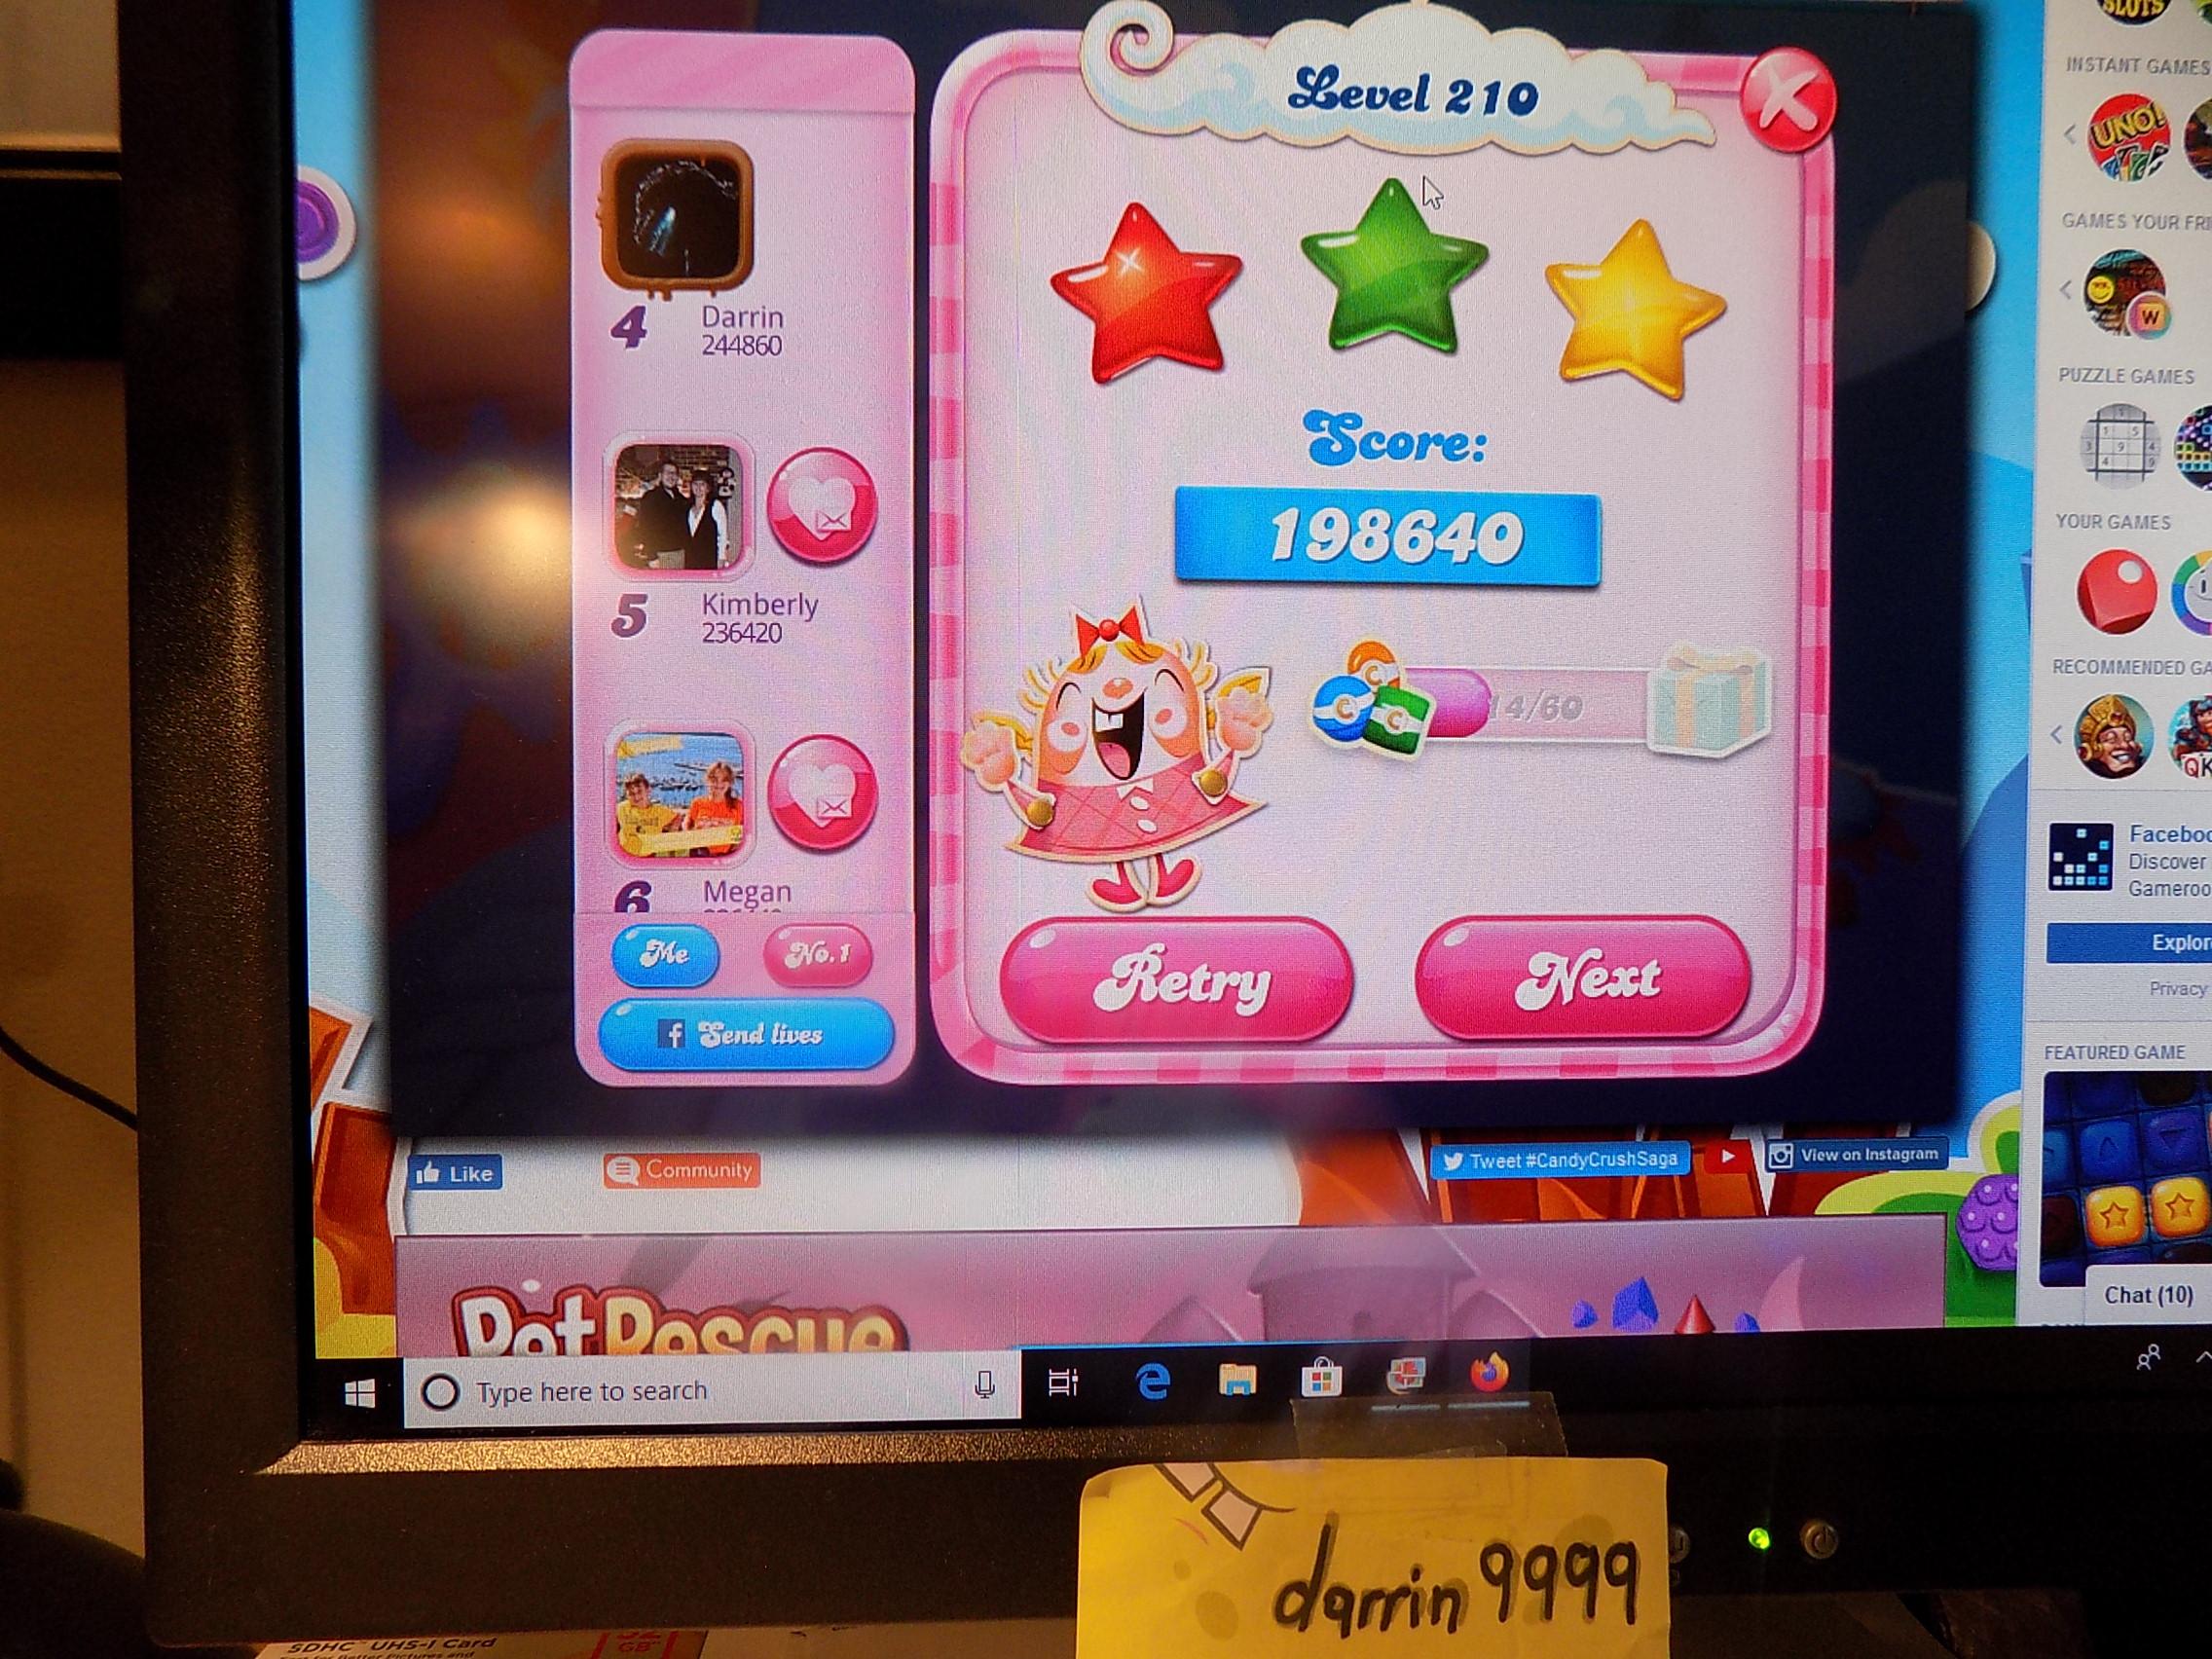 darrin9999: Candy Crush Saga: Level 210 (Web) 198,640 points on 2019-11-18 06:38:04